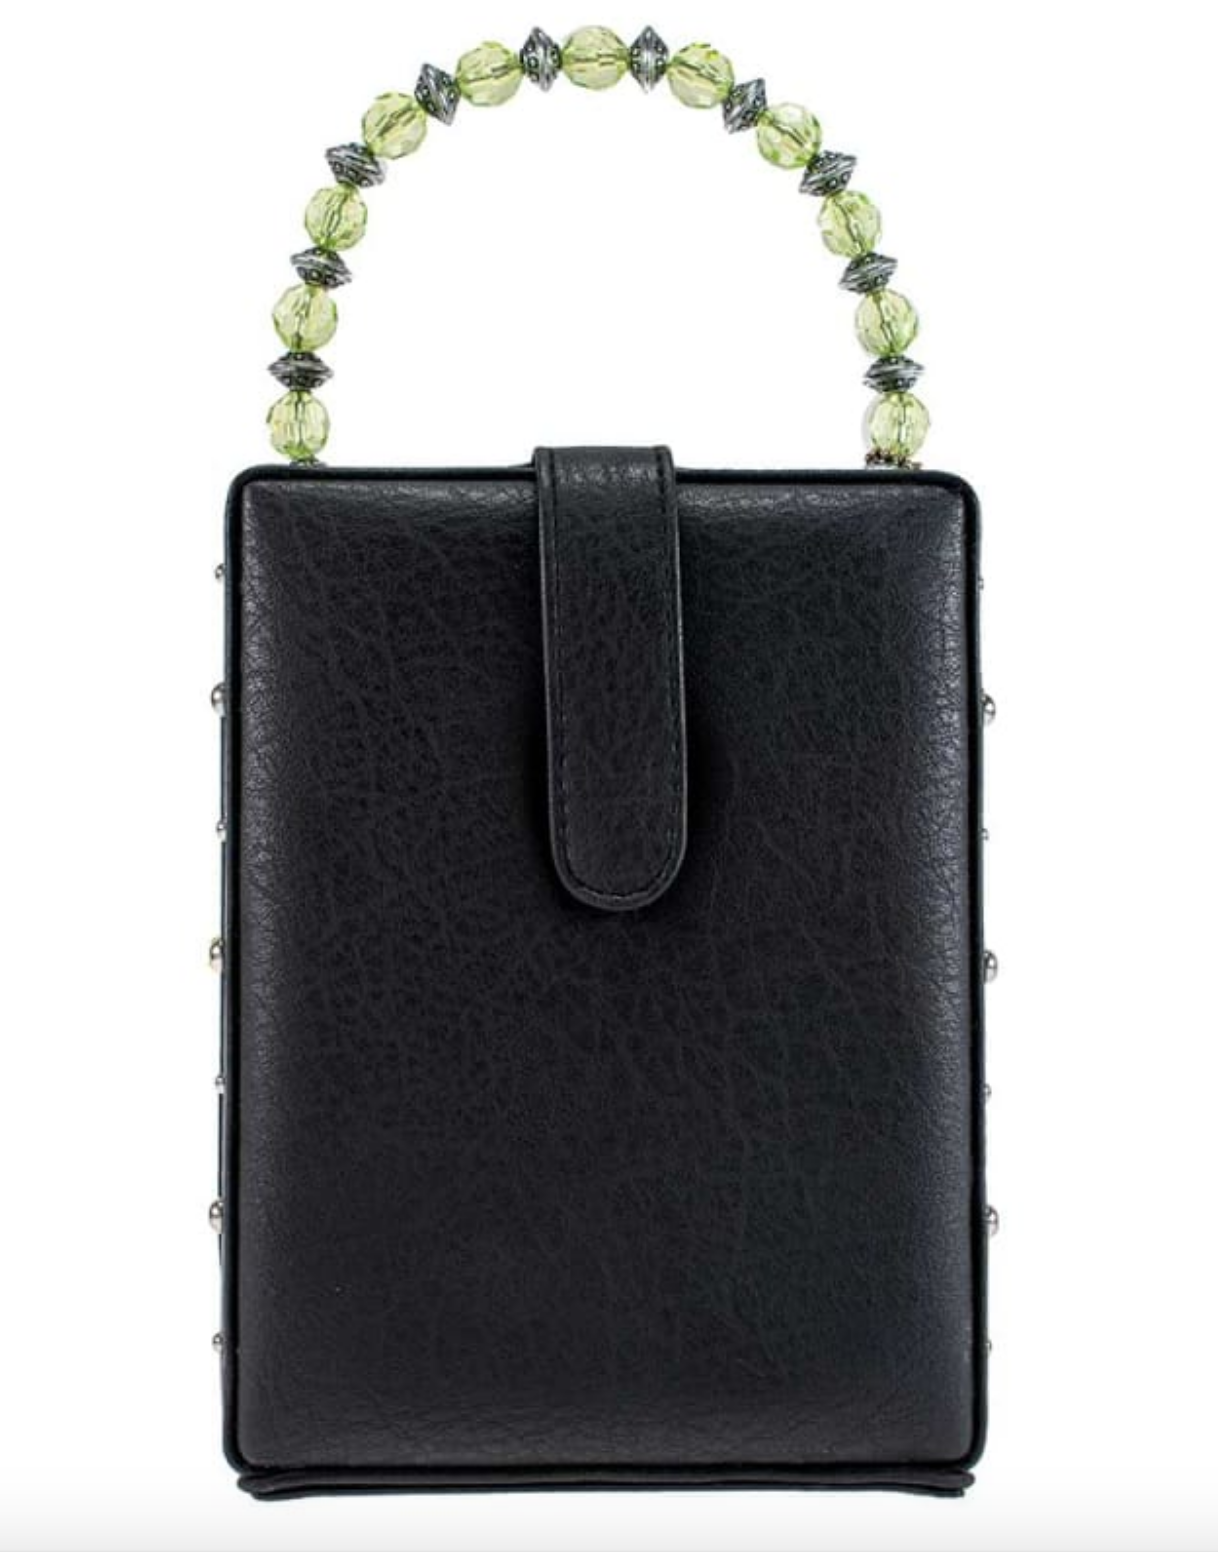 Mary Frances Mary Frances - Lime on the Side Handbag